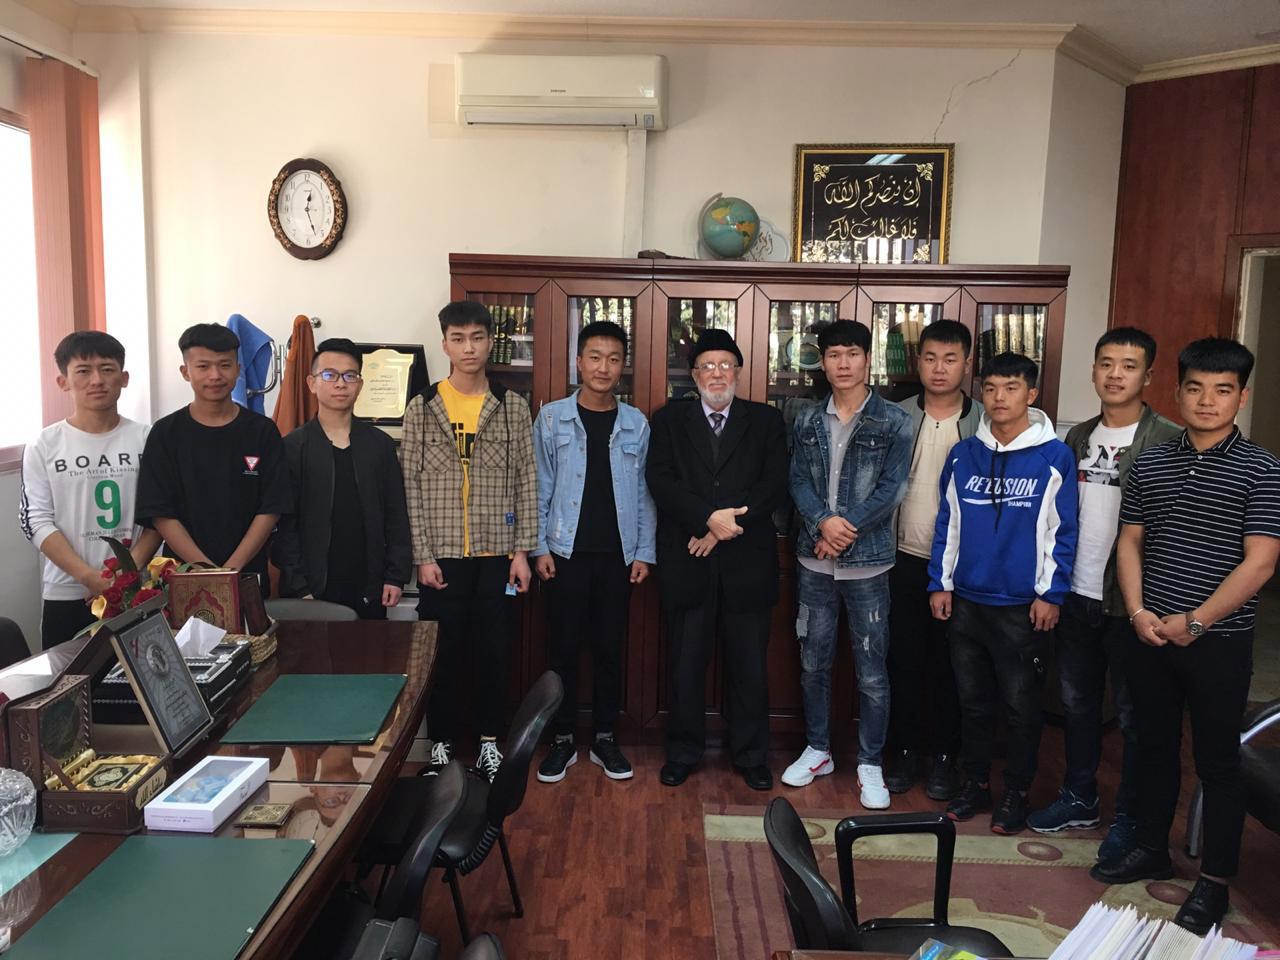 سماحة رئيس مجلس الأمناء يستقبل الطلاب الوافدين الجدد من الصين (2/2)